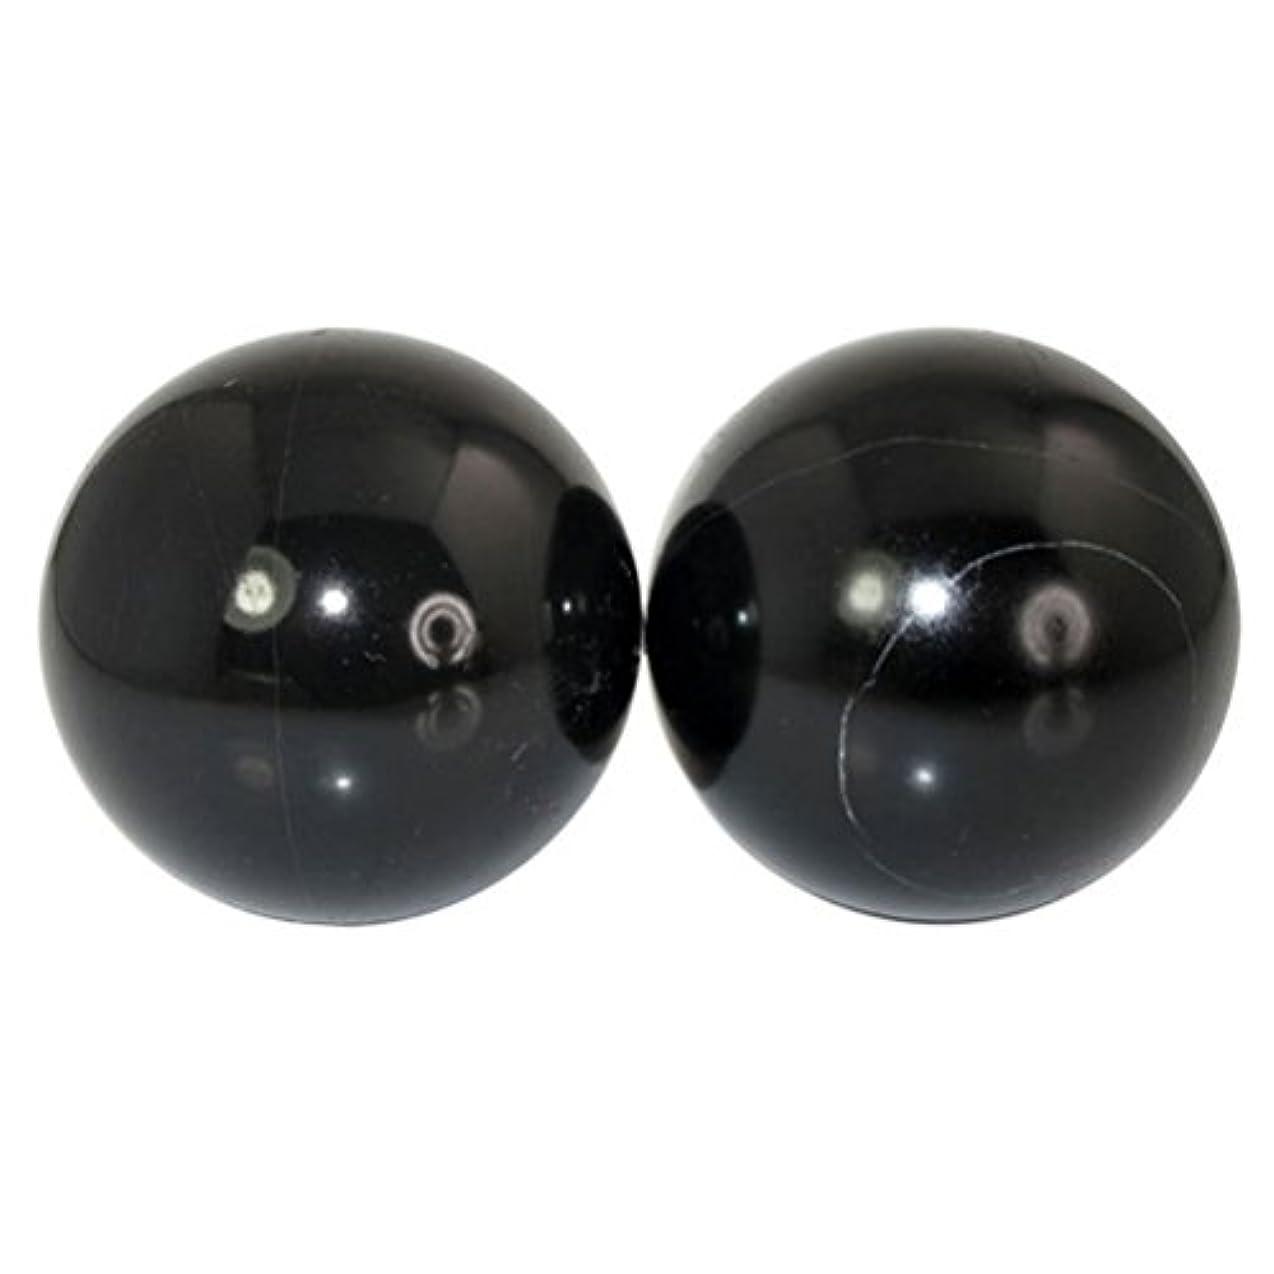 ルネッサンスルーフ誘導ROSENICE 2本の天然石マッサージボール瞑想フィットネスハンドエクササイズヒーリングボール(手治療用)ストレスレリーフ(黒)